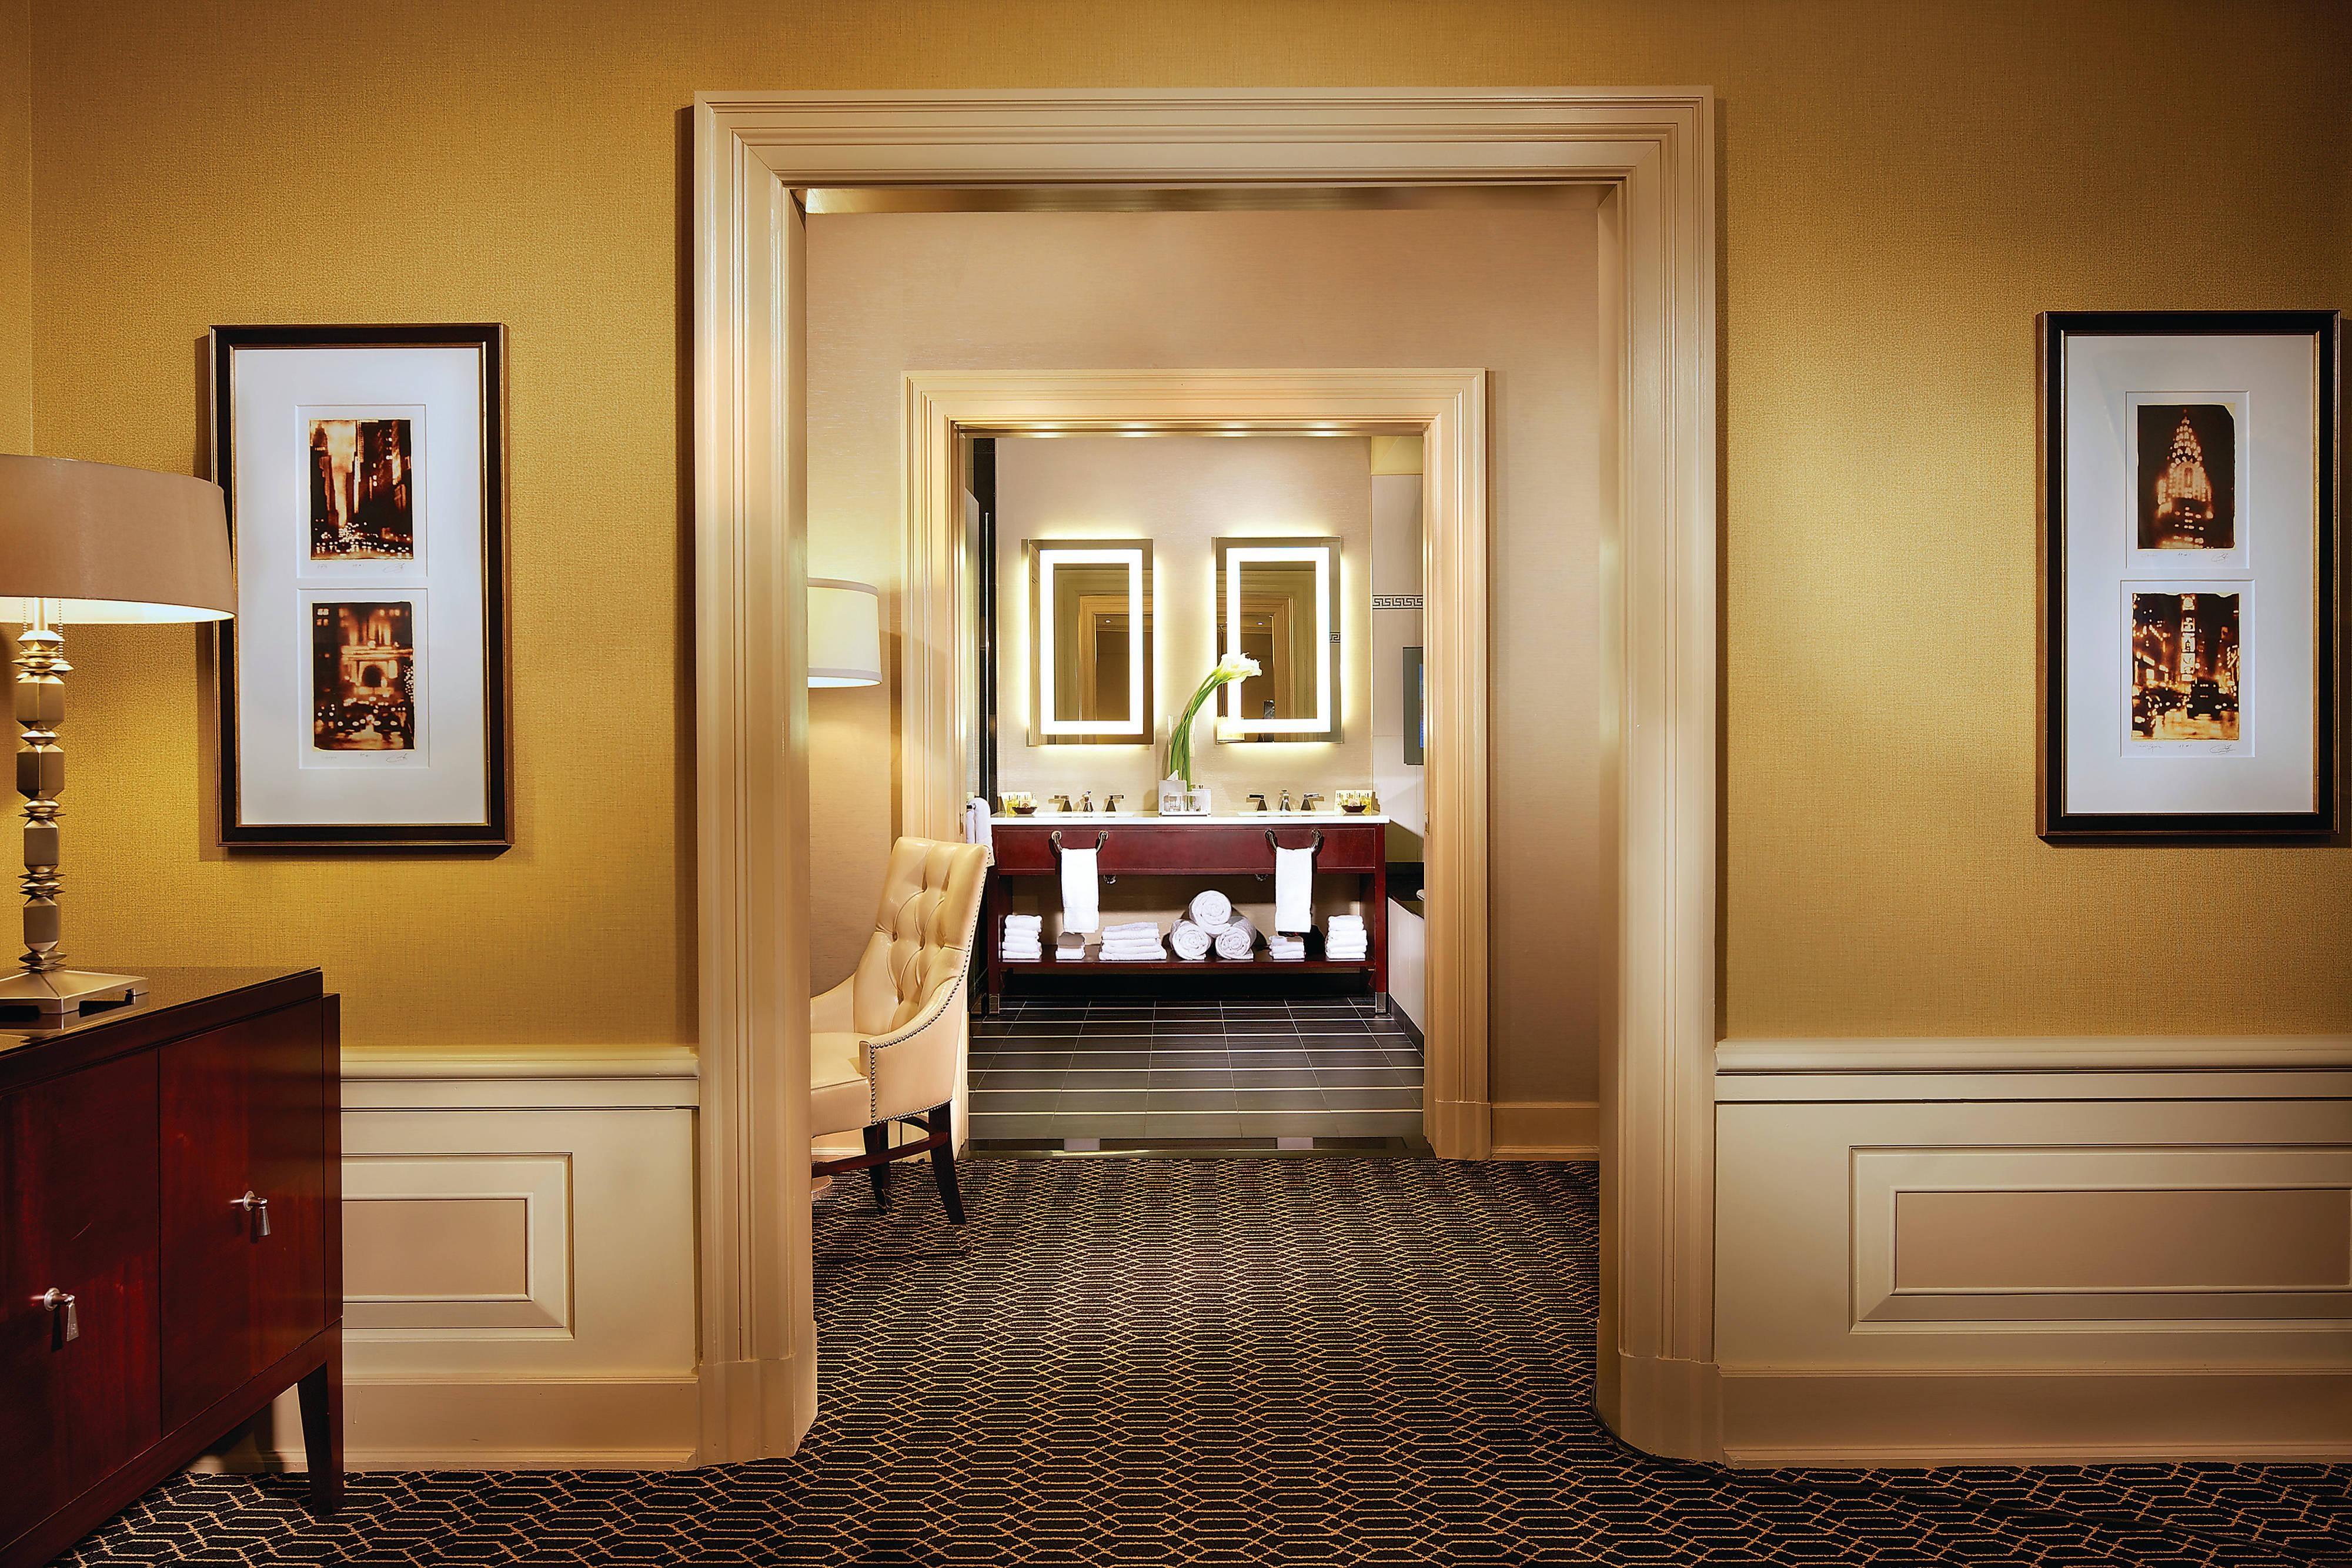 Suite Barrymore de The Algonquin Hotel